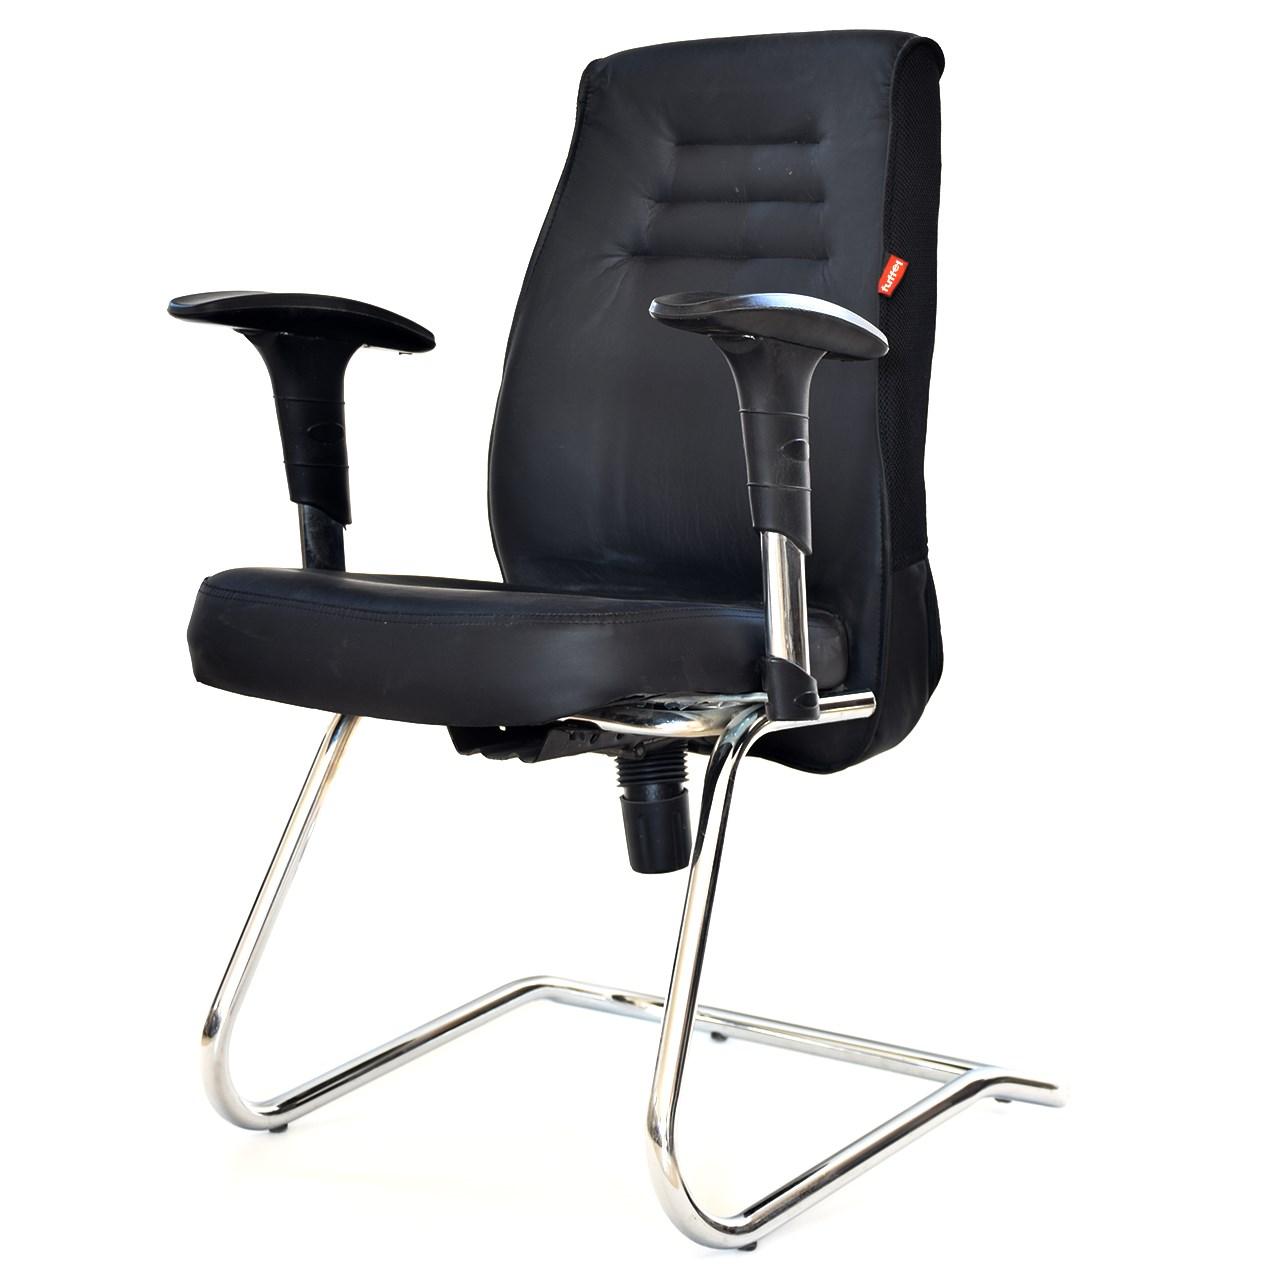 صندلی اداری فوفل مدل C5004